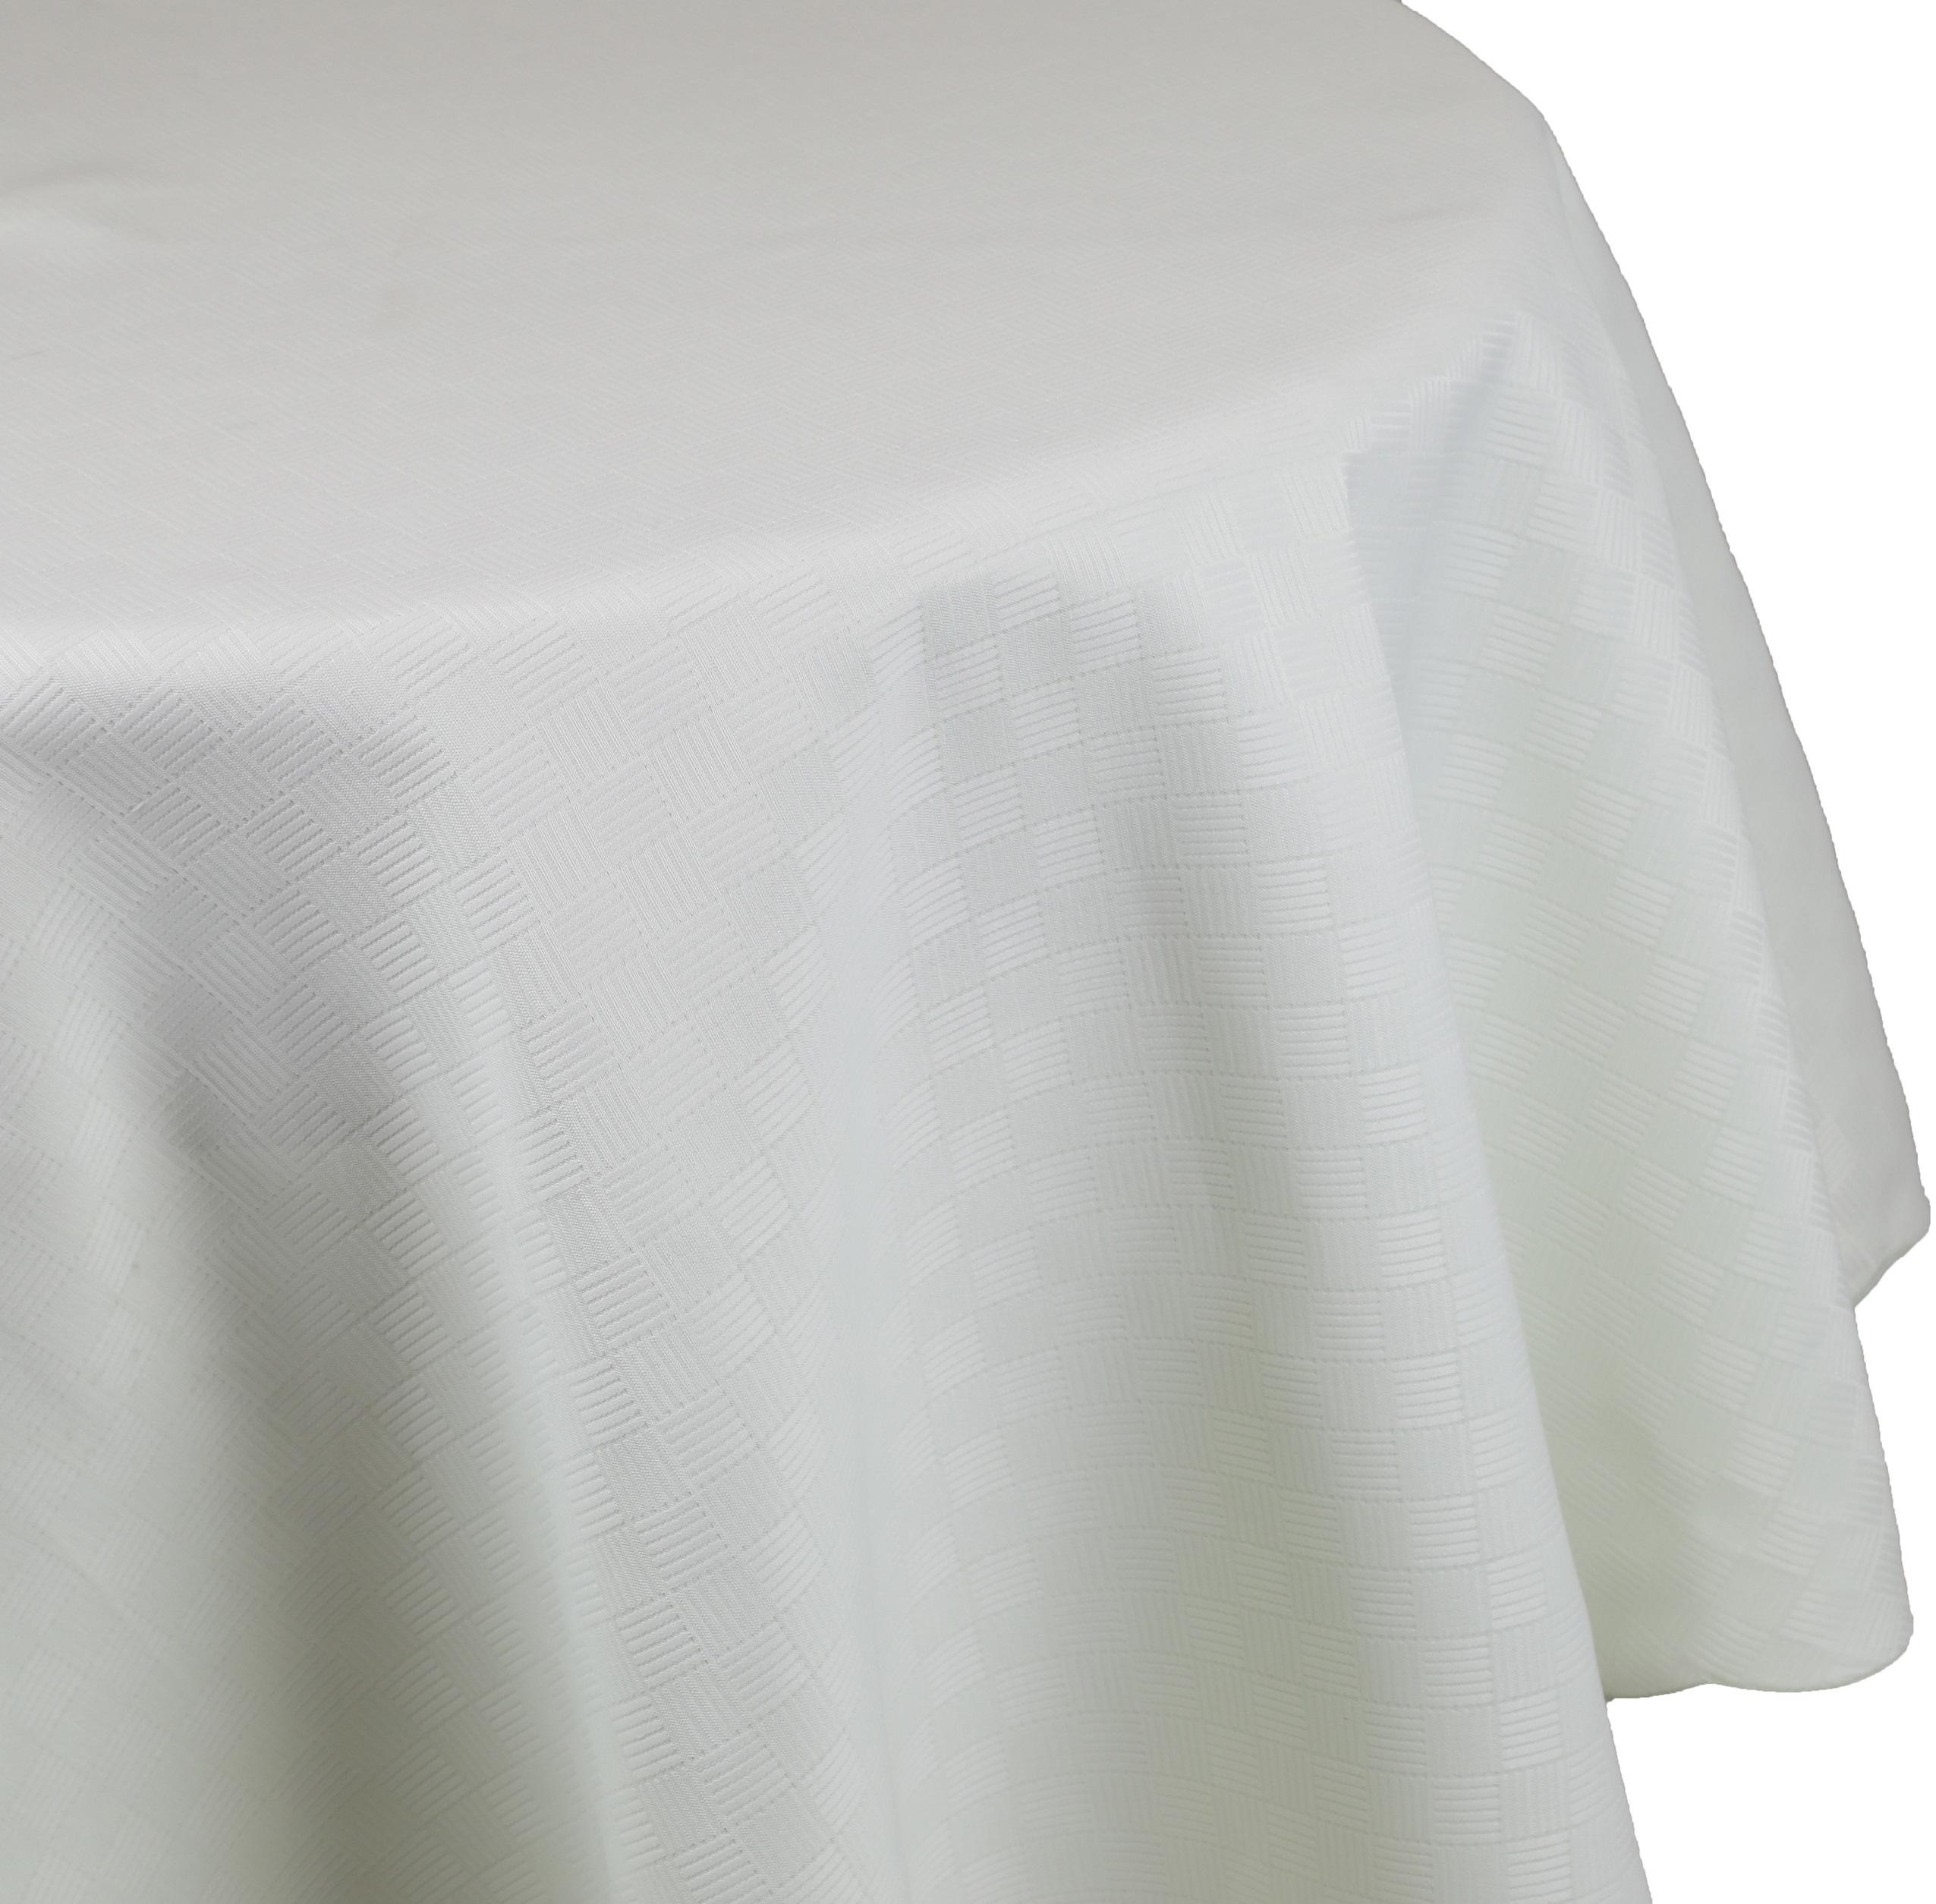 betz nappe jacquard linge de table dessin 18 couleur vert p le. Black Bedroom Furniture Sets. Home Design Ideas